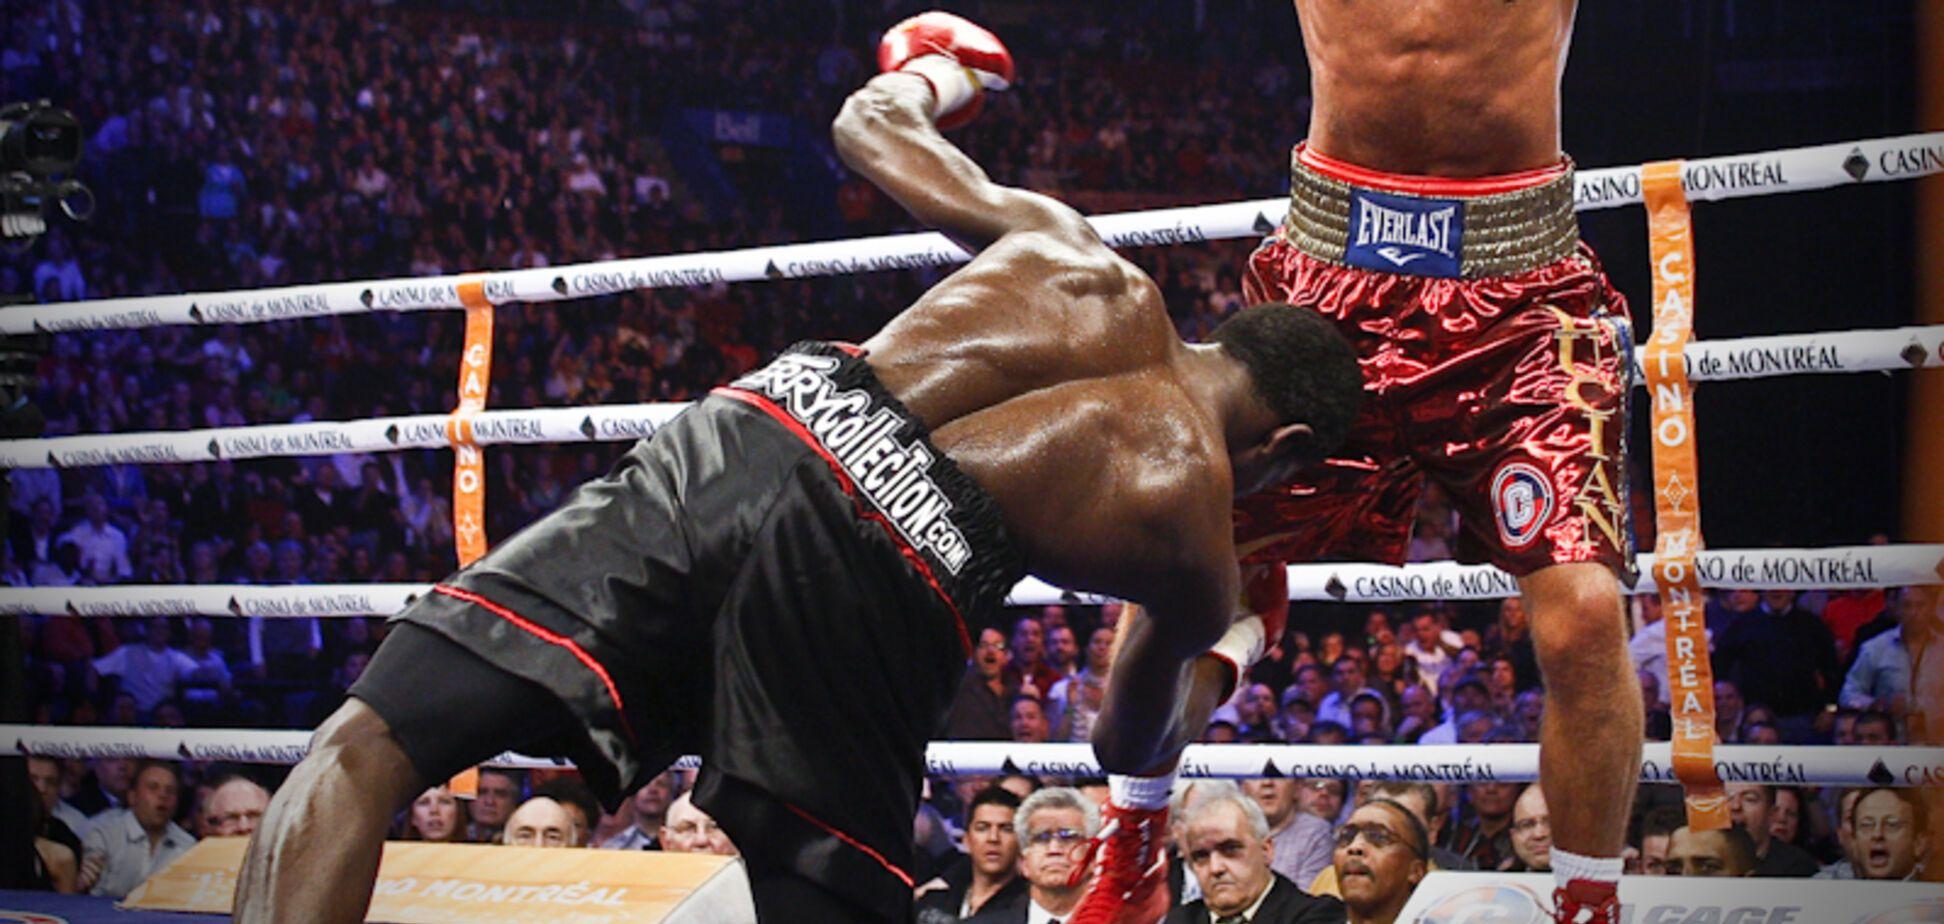 Знаменитий боксер влаштував понти в рингу і був нокаутований: в мережі згадали легендарний бій